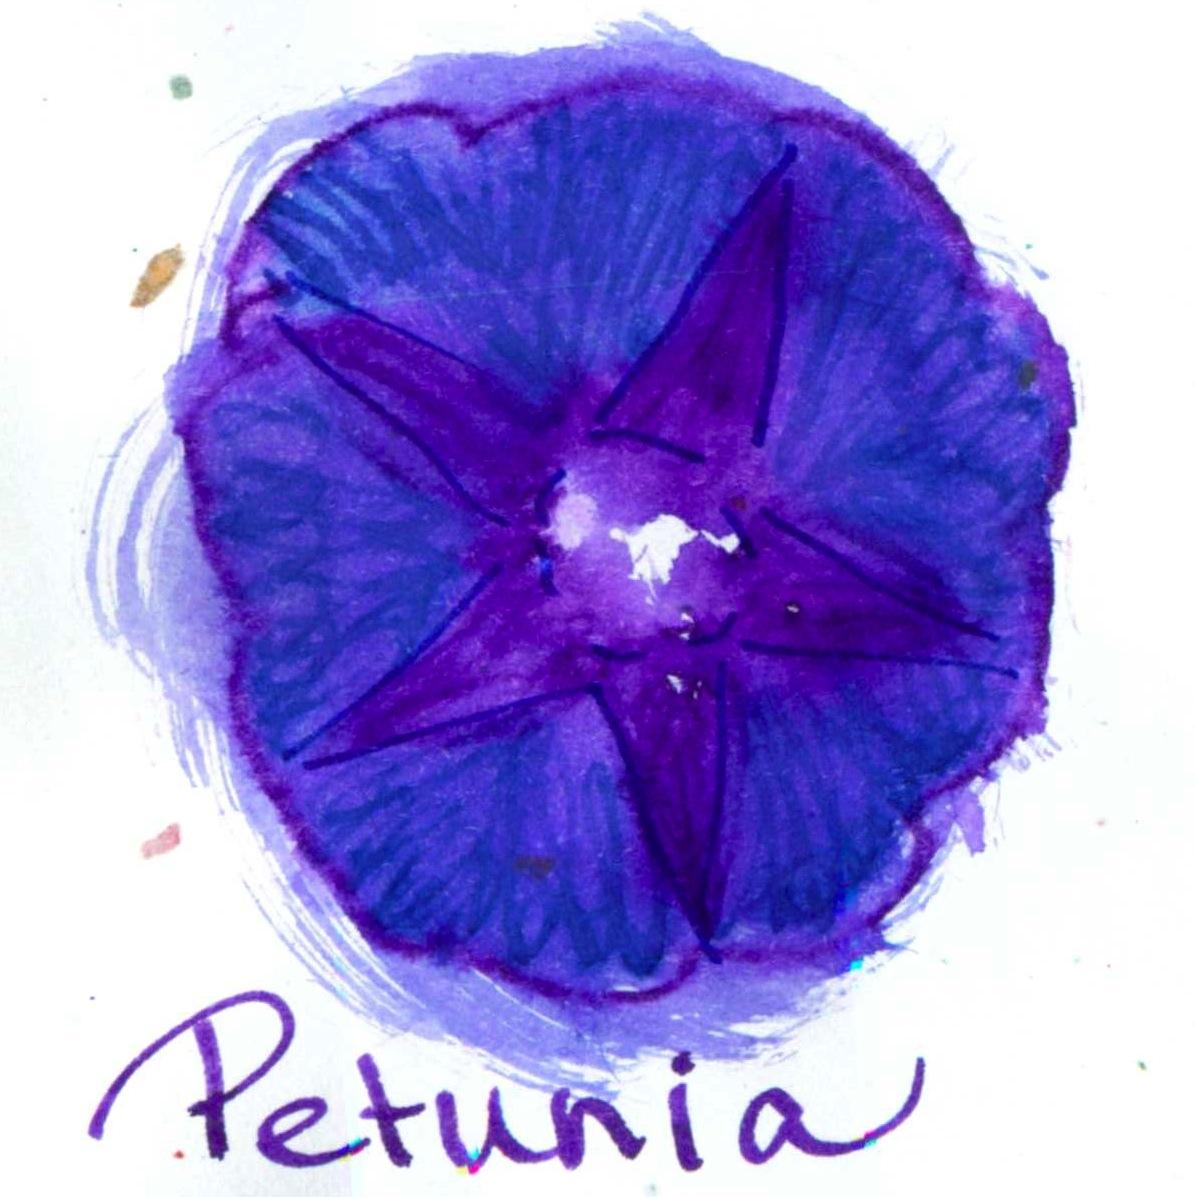 2014-Ink_259-Petunia.jpg